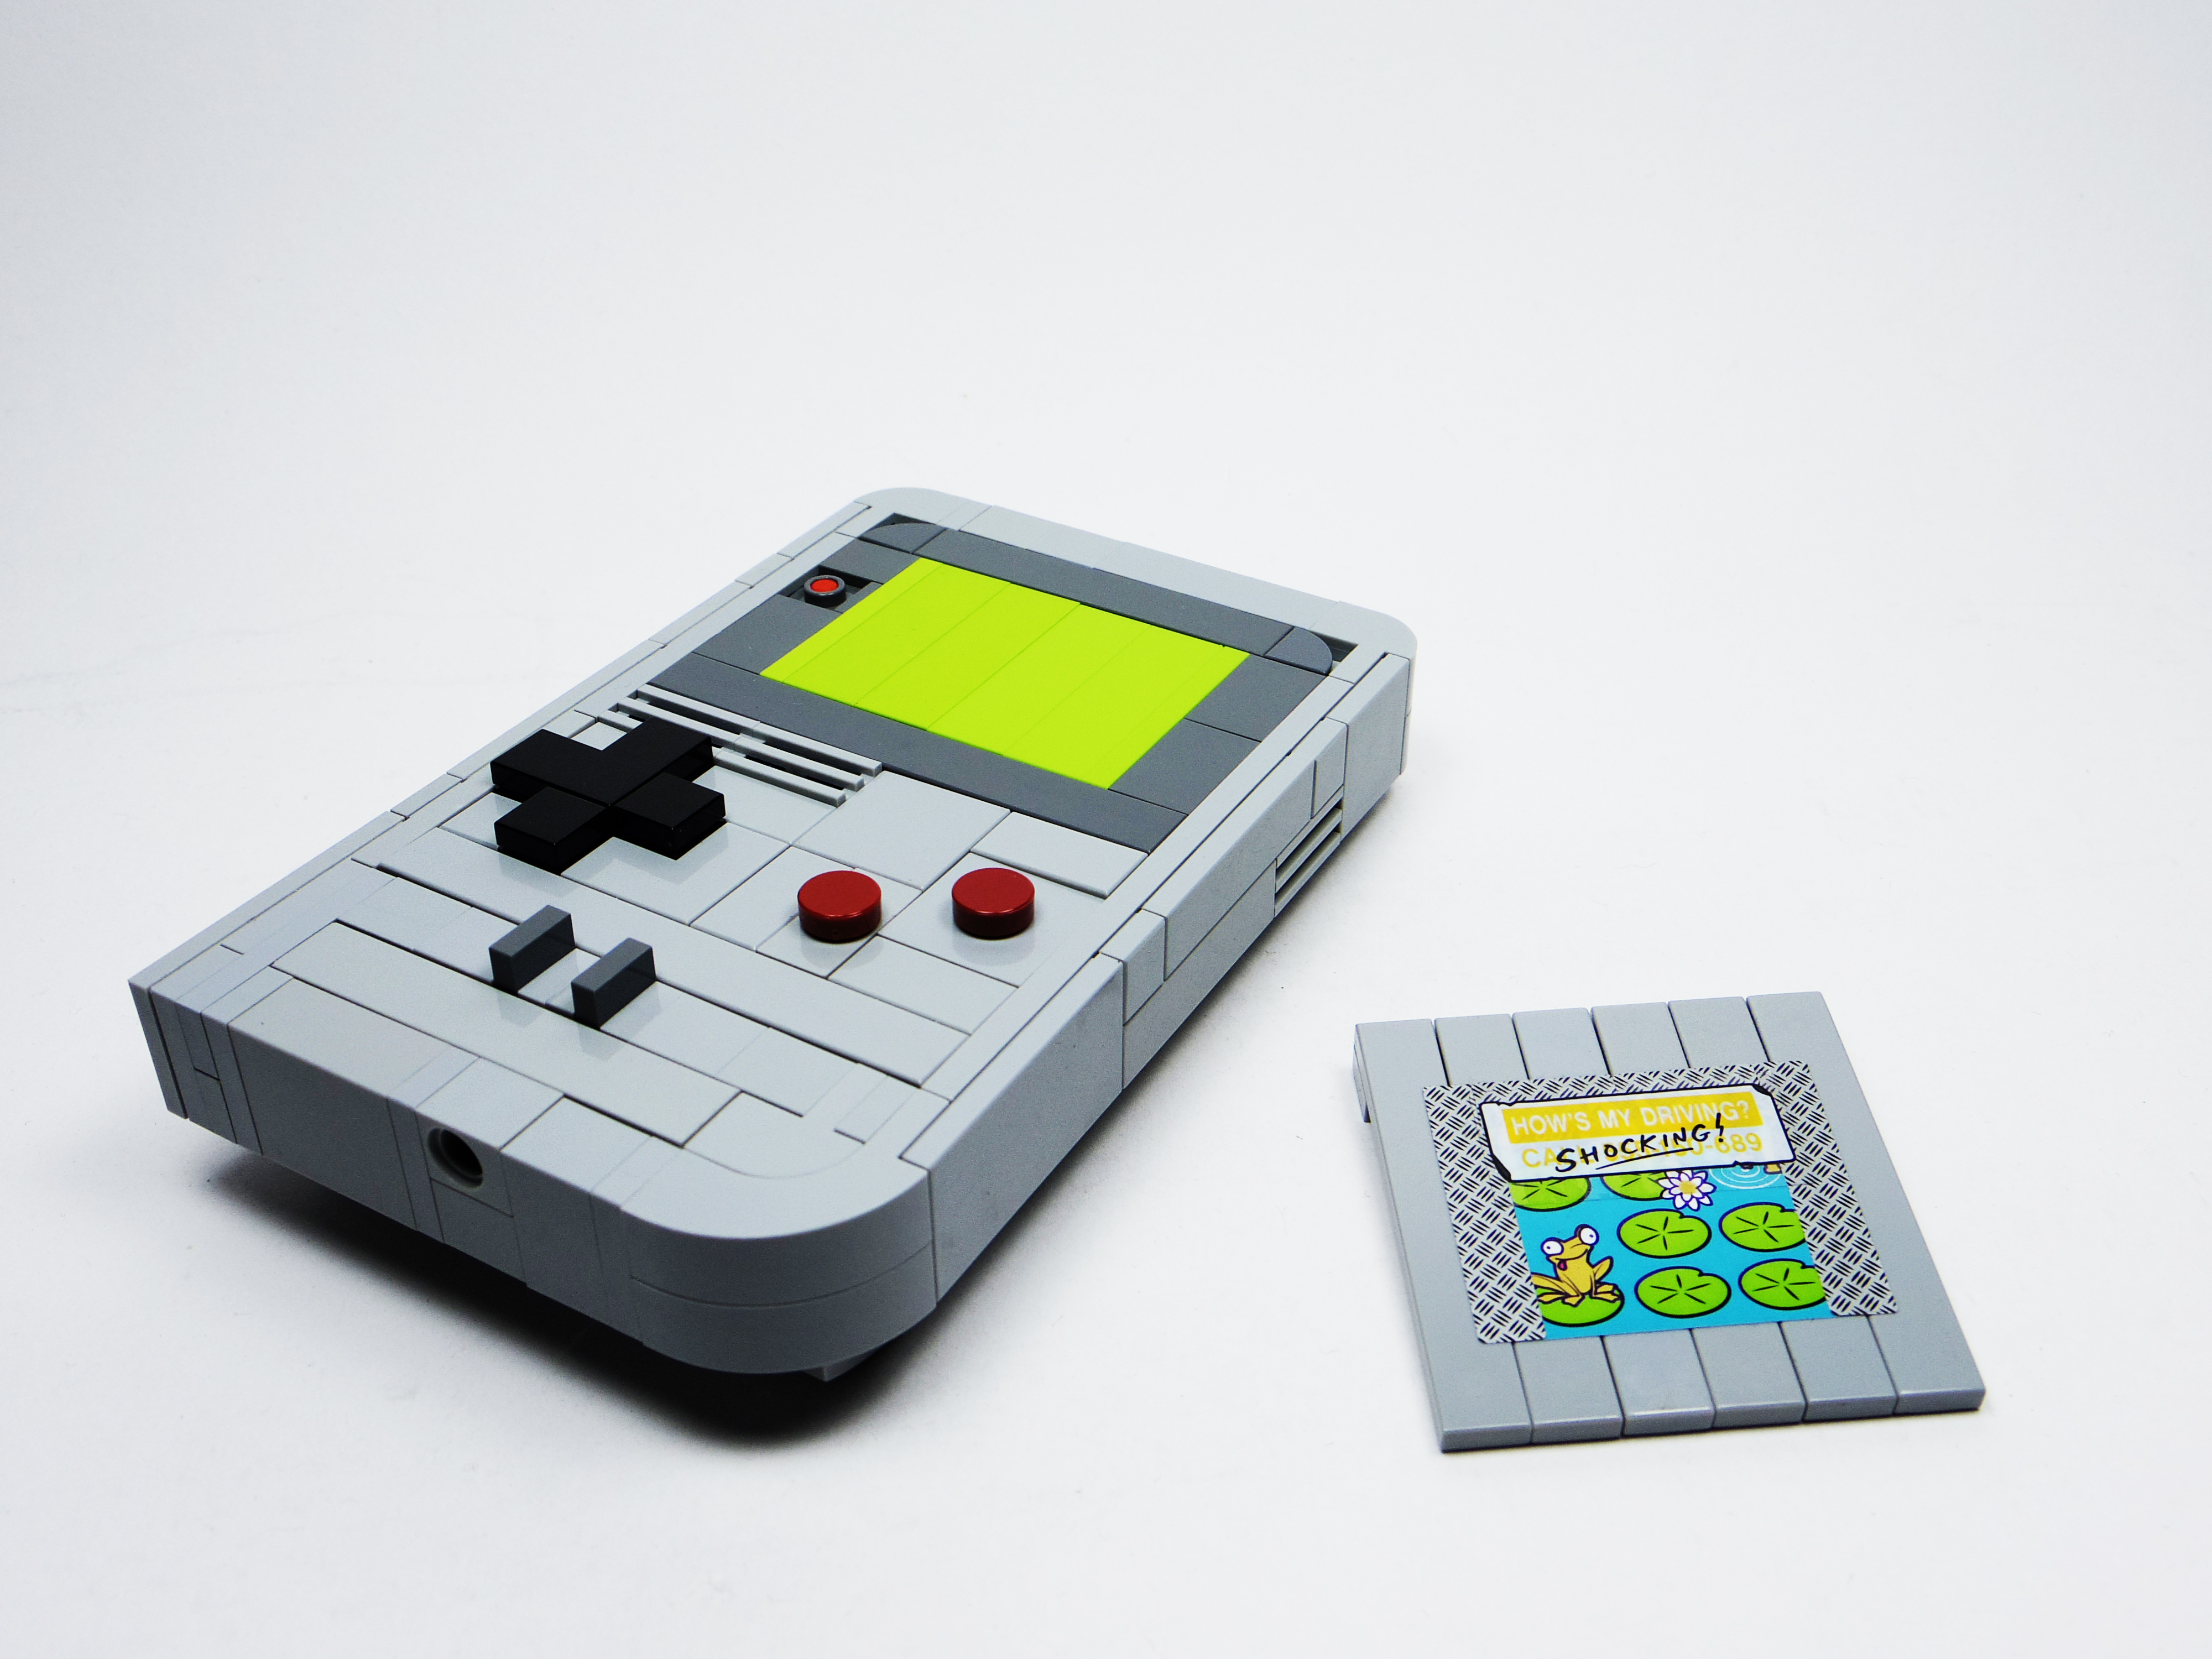 【查米】怎麼突然就30歲了!任天堂Gmae Boy掌上型遊戲機